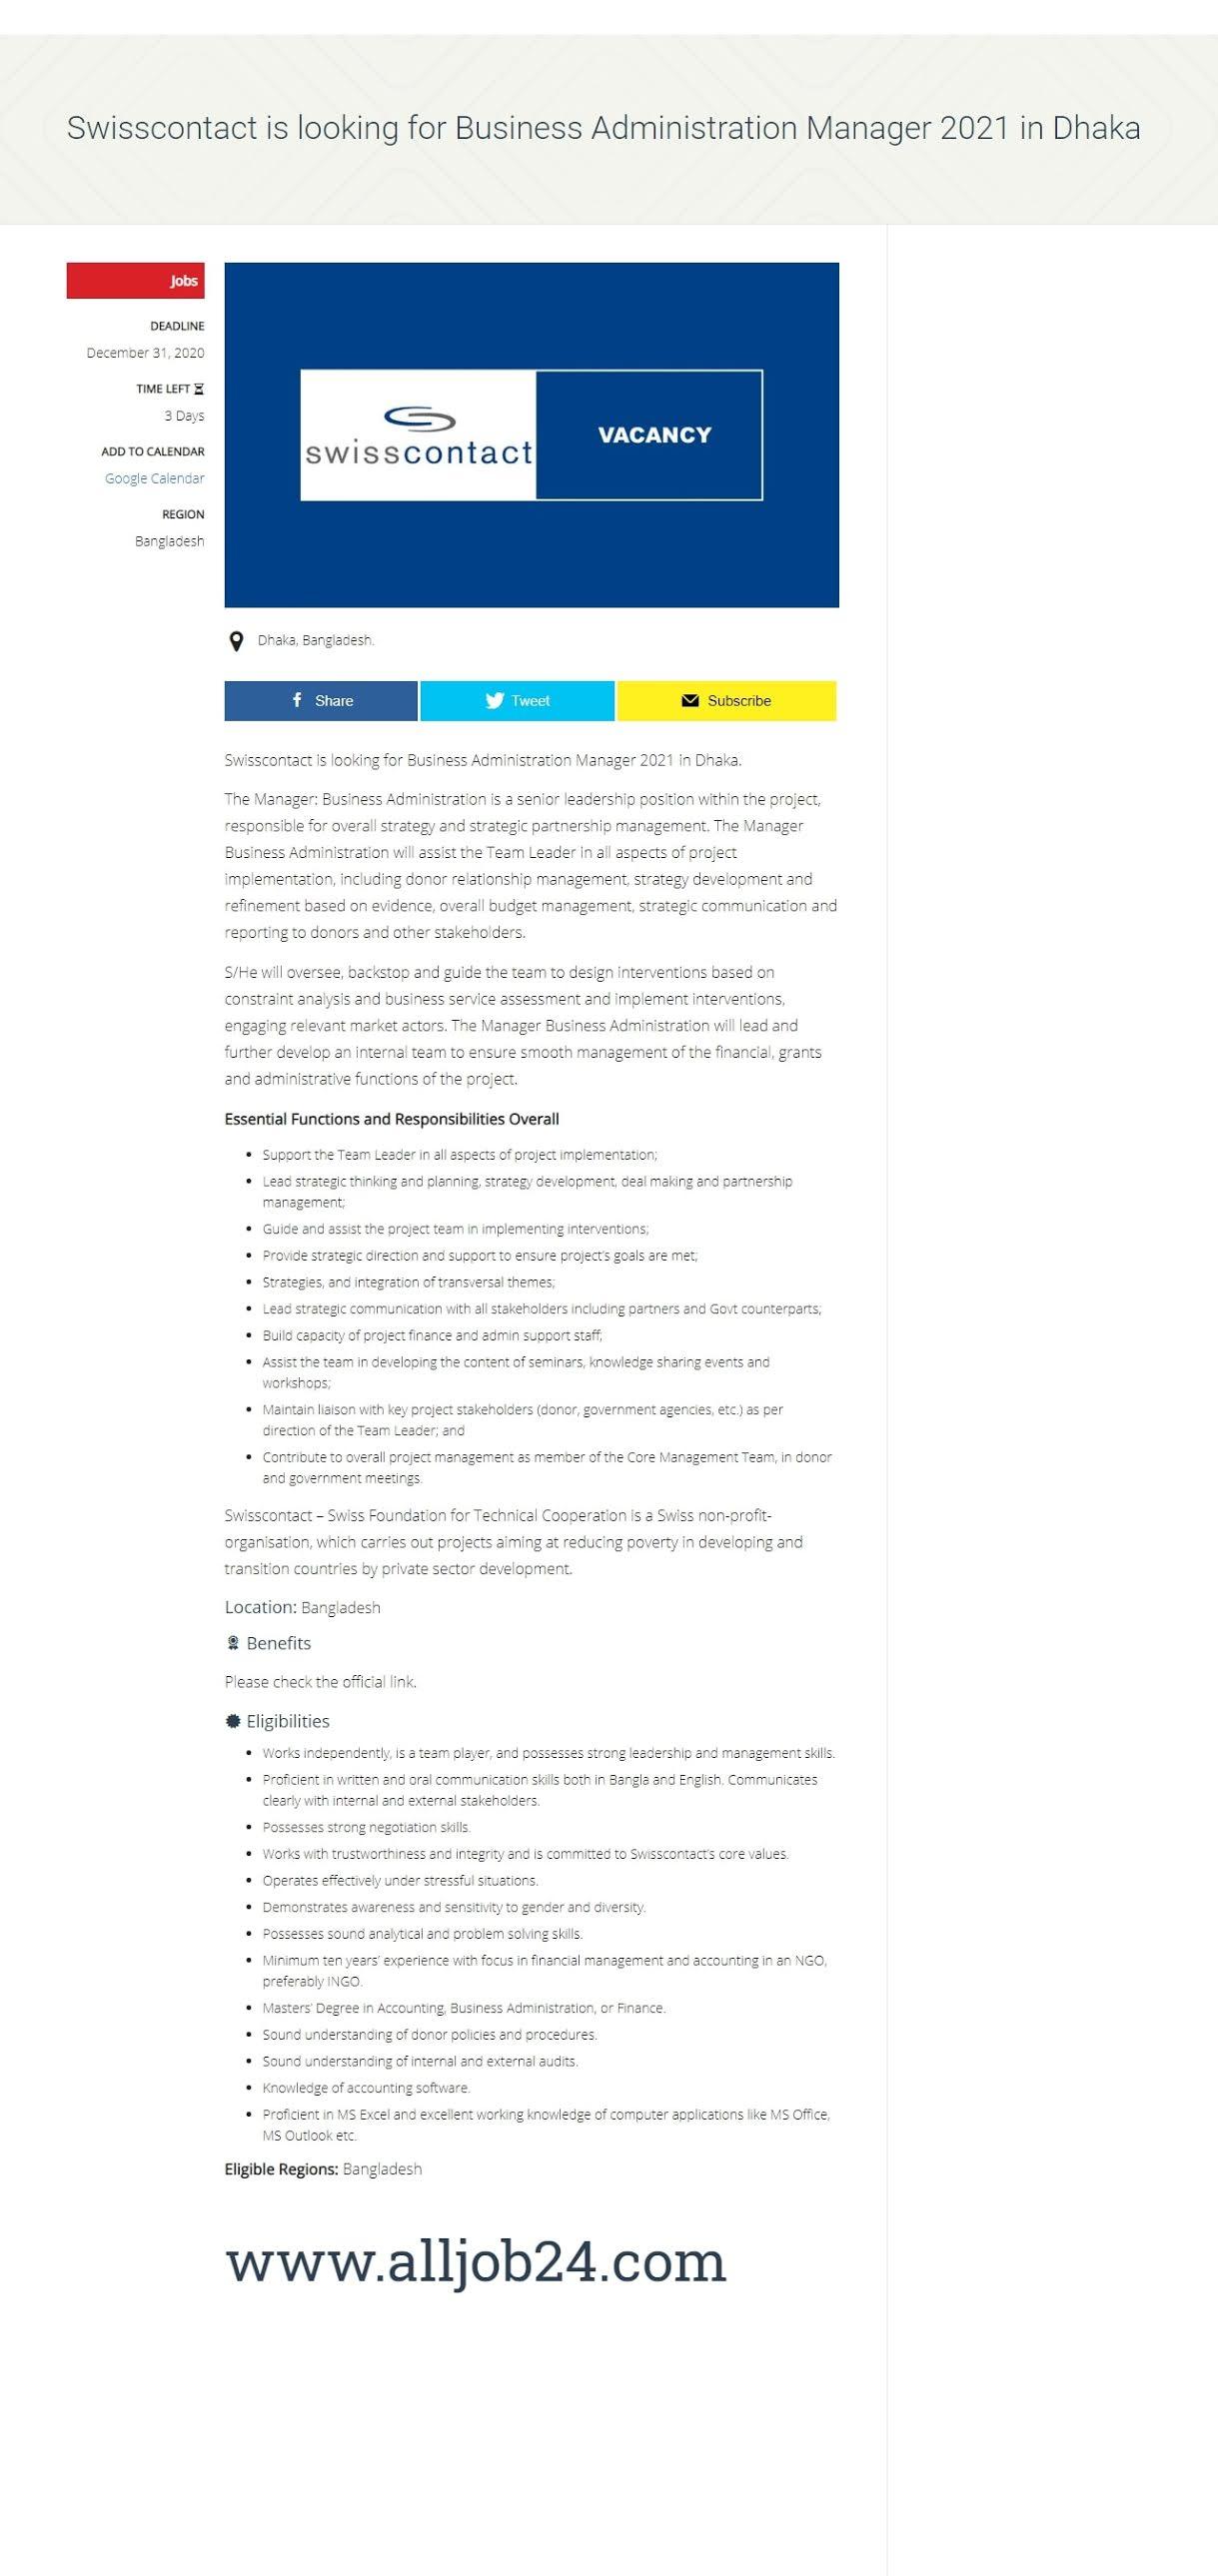 Swisscontact job circular in bd 2021, Swisscontact job circular | Business Administration Manager 2021 in Dhaka, Swisscontact is looking for Business Administration Manager 2021, Swisscontact,